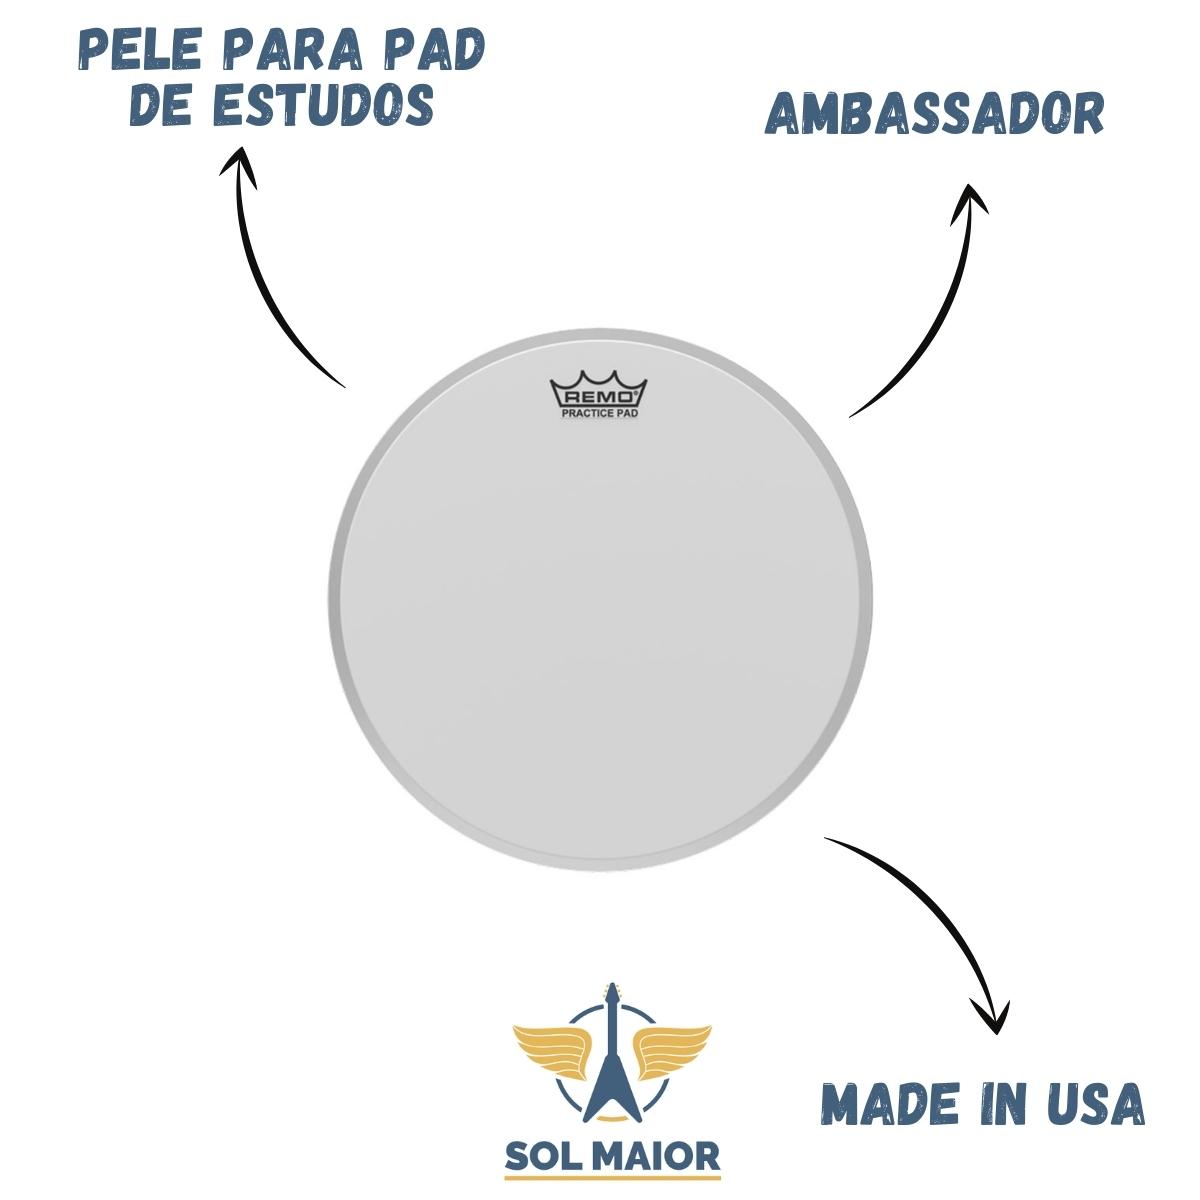 Pele 8 Pol Ambassador Porosa Pad de Estudo PH-0108-00 Remo